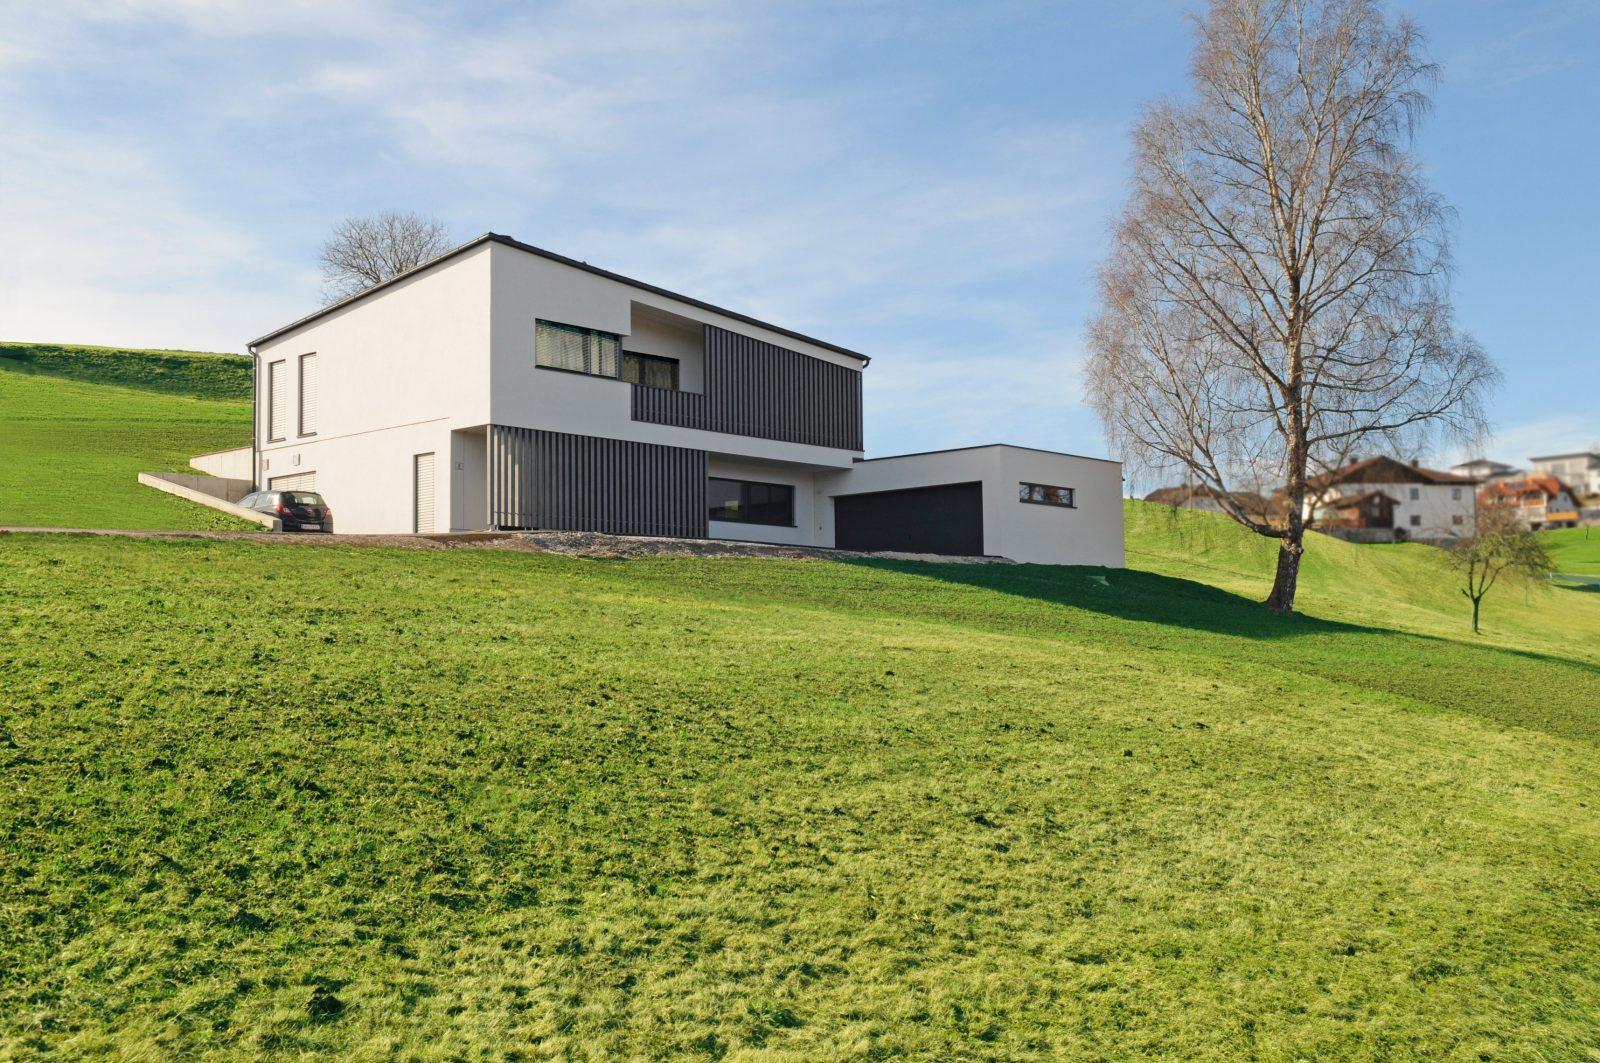 Das Hanghaus – Bauen Am Hang  Mhaus Blog  Holzbauweise von Einfamilienhaus Am Hang Grundrisse Photo